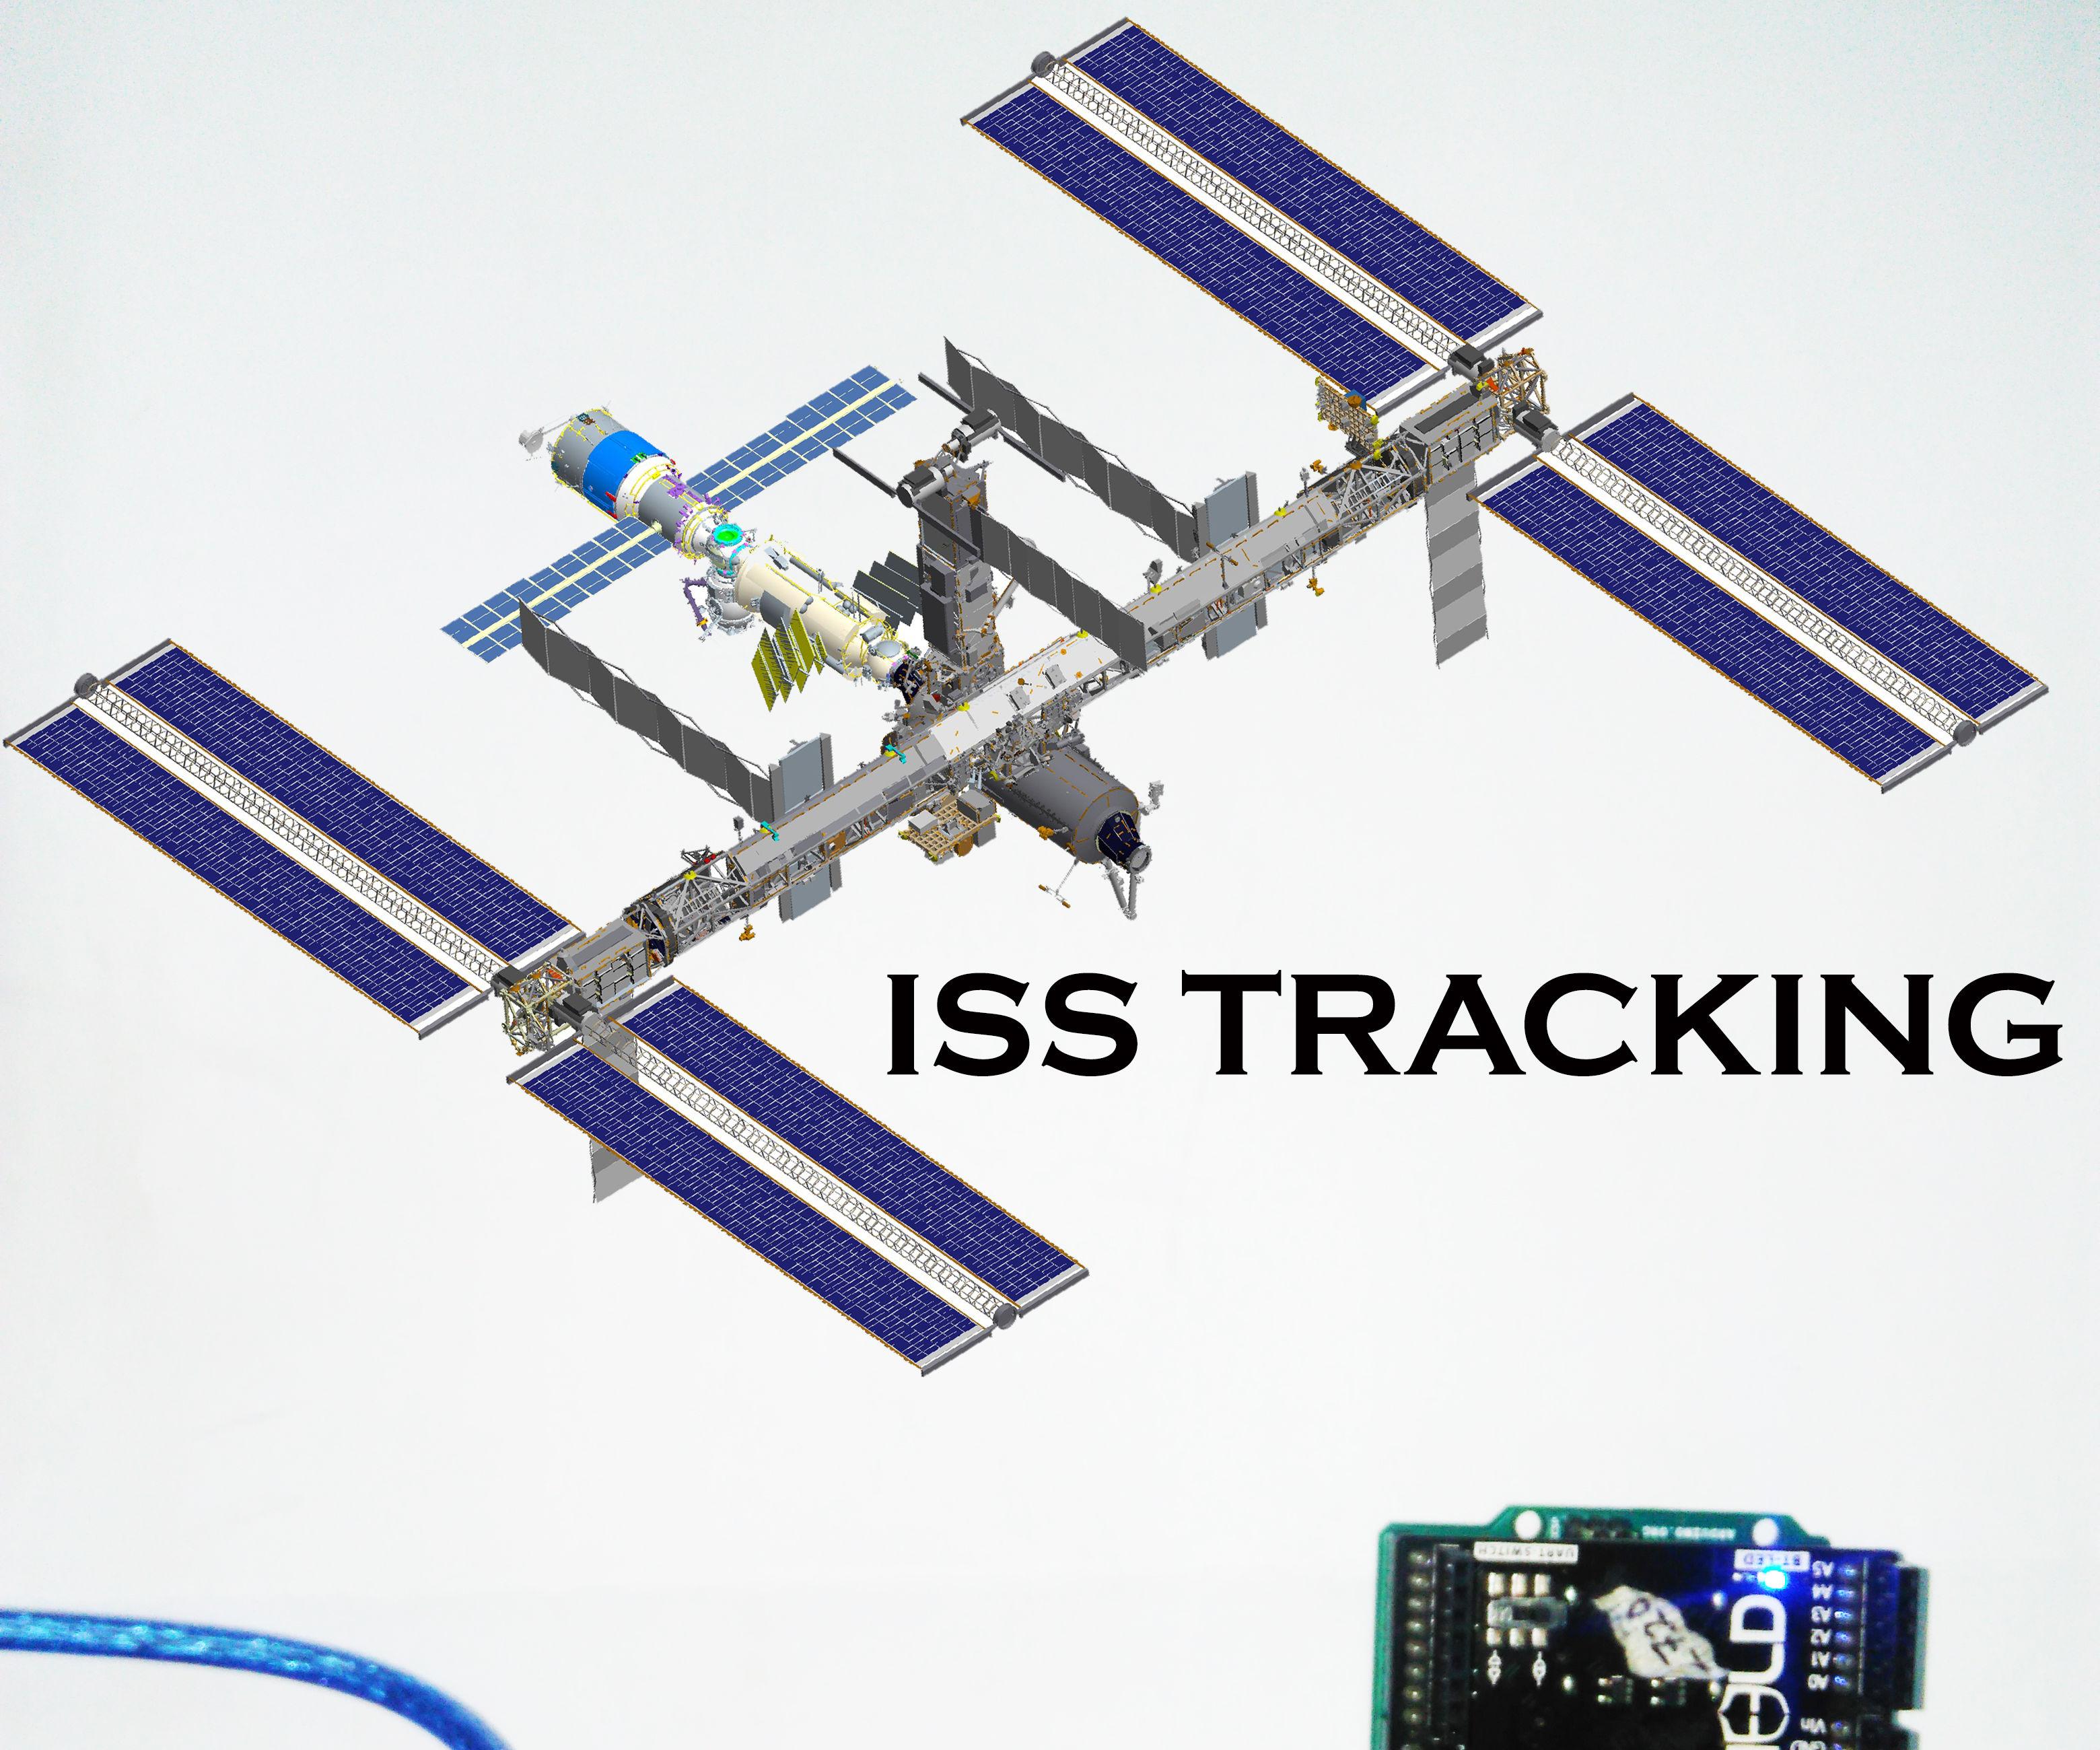 Tracking the ISS using adruino and onesheeld.